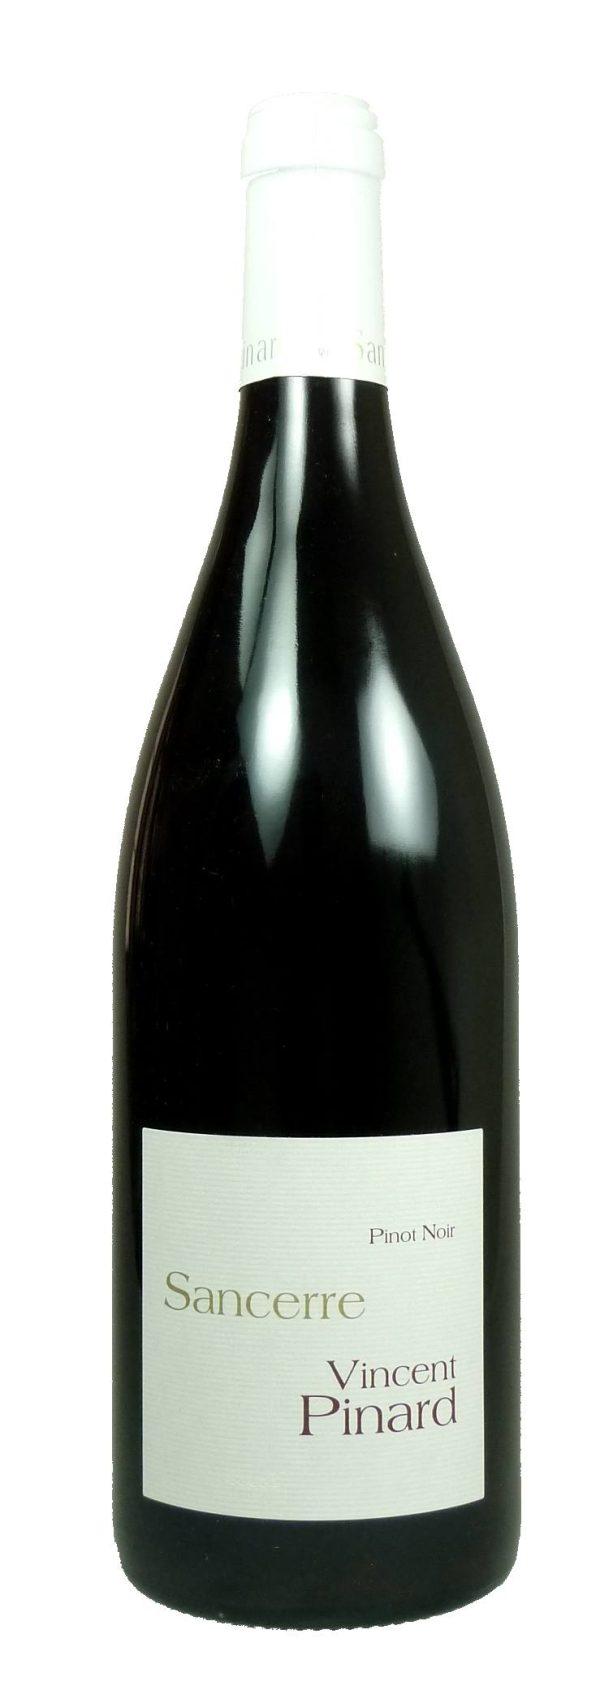 Pinot Noir Sancerre 2015